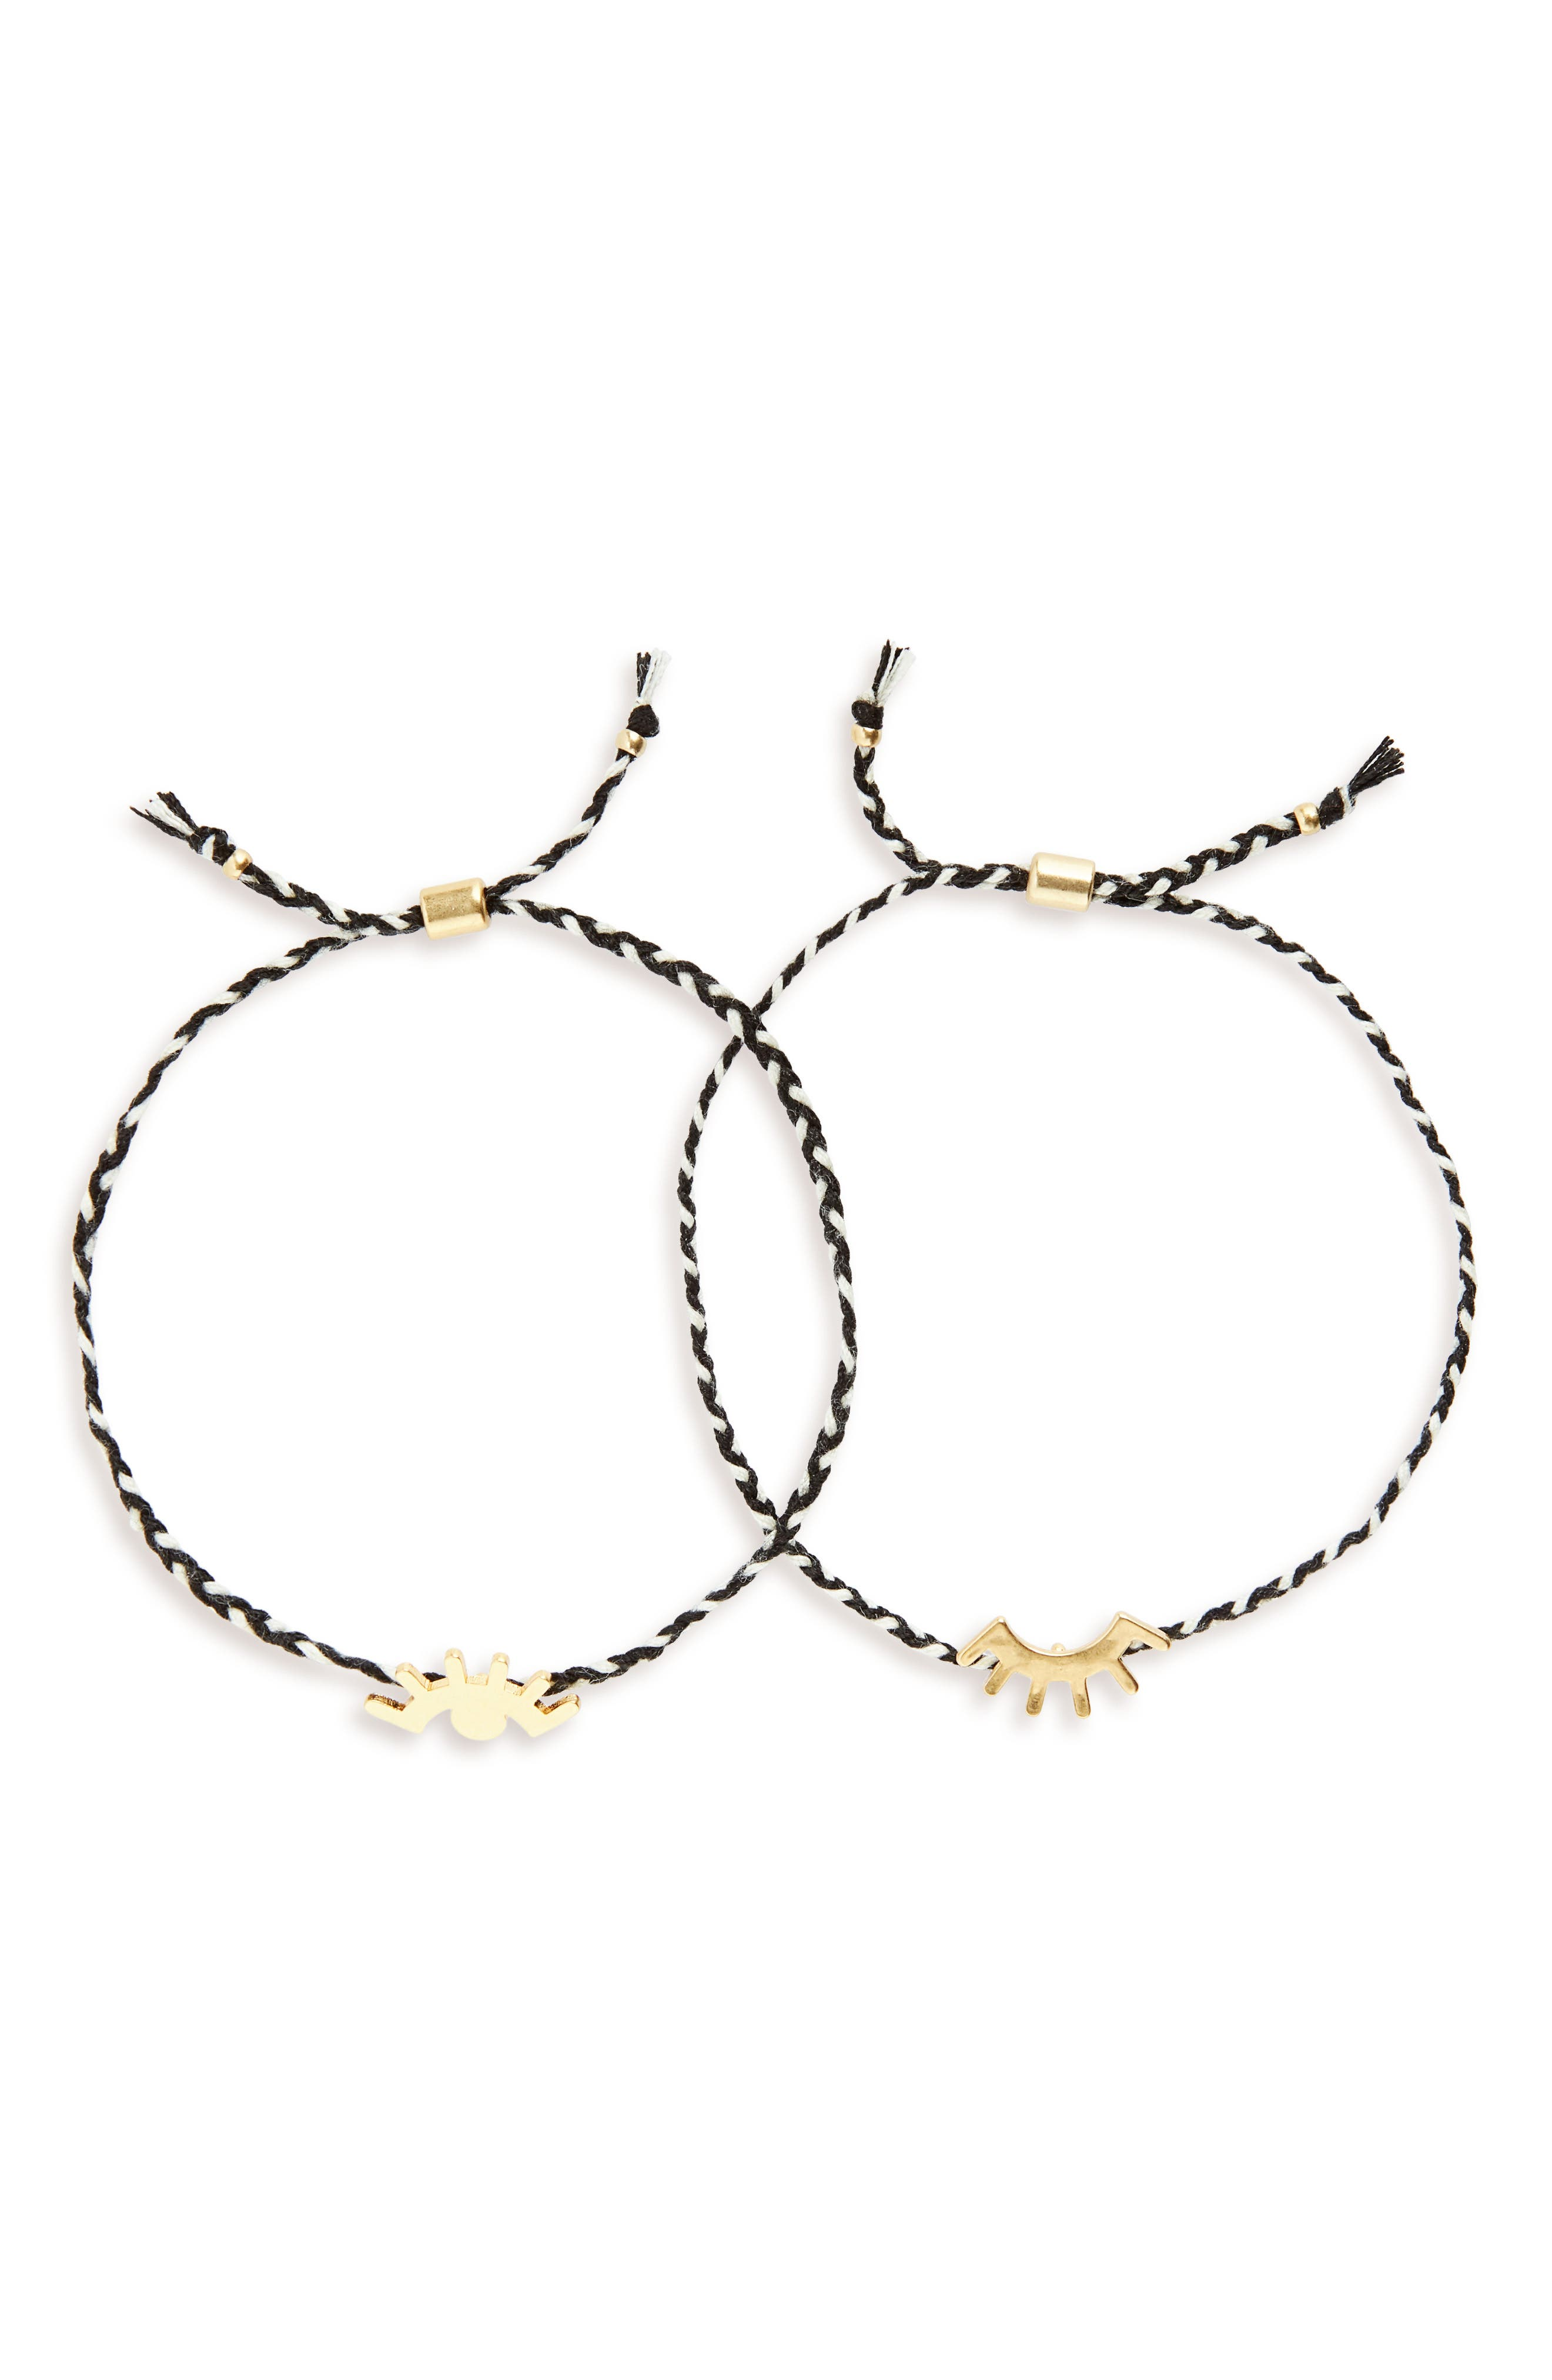 Set of 2 Friendship Bracelets,                             Main thumbnail 1, color,                             710